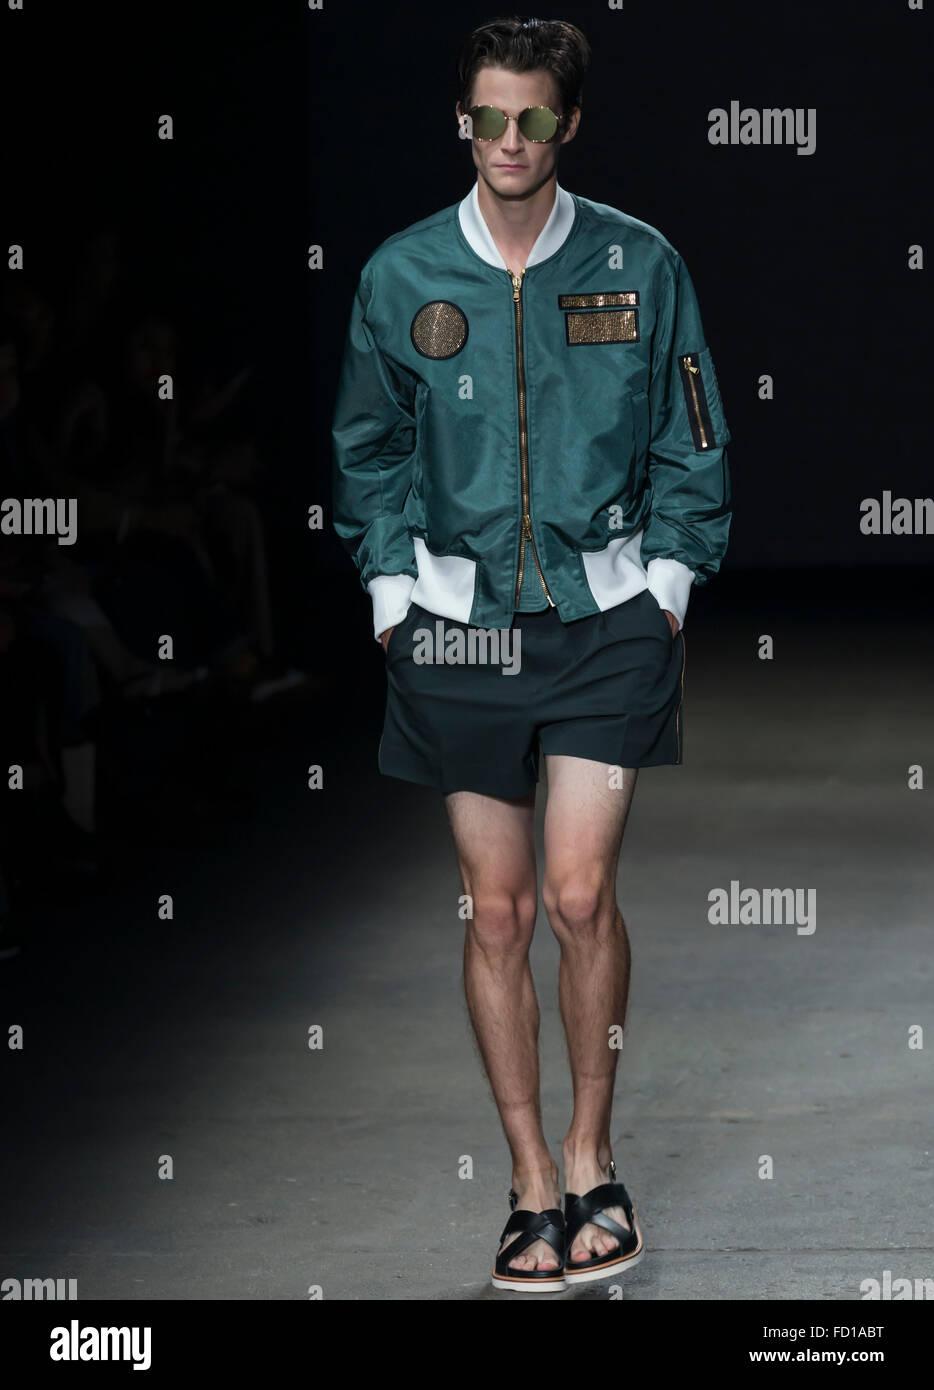 Nueva York, NY, 14 de julio de 2015: Philip Witts camina la pista durante el concepto Corea muestran en NYFW hombres Imagen De Stock